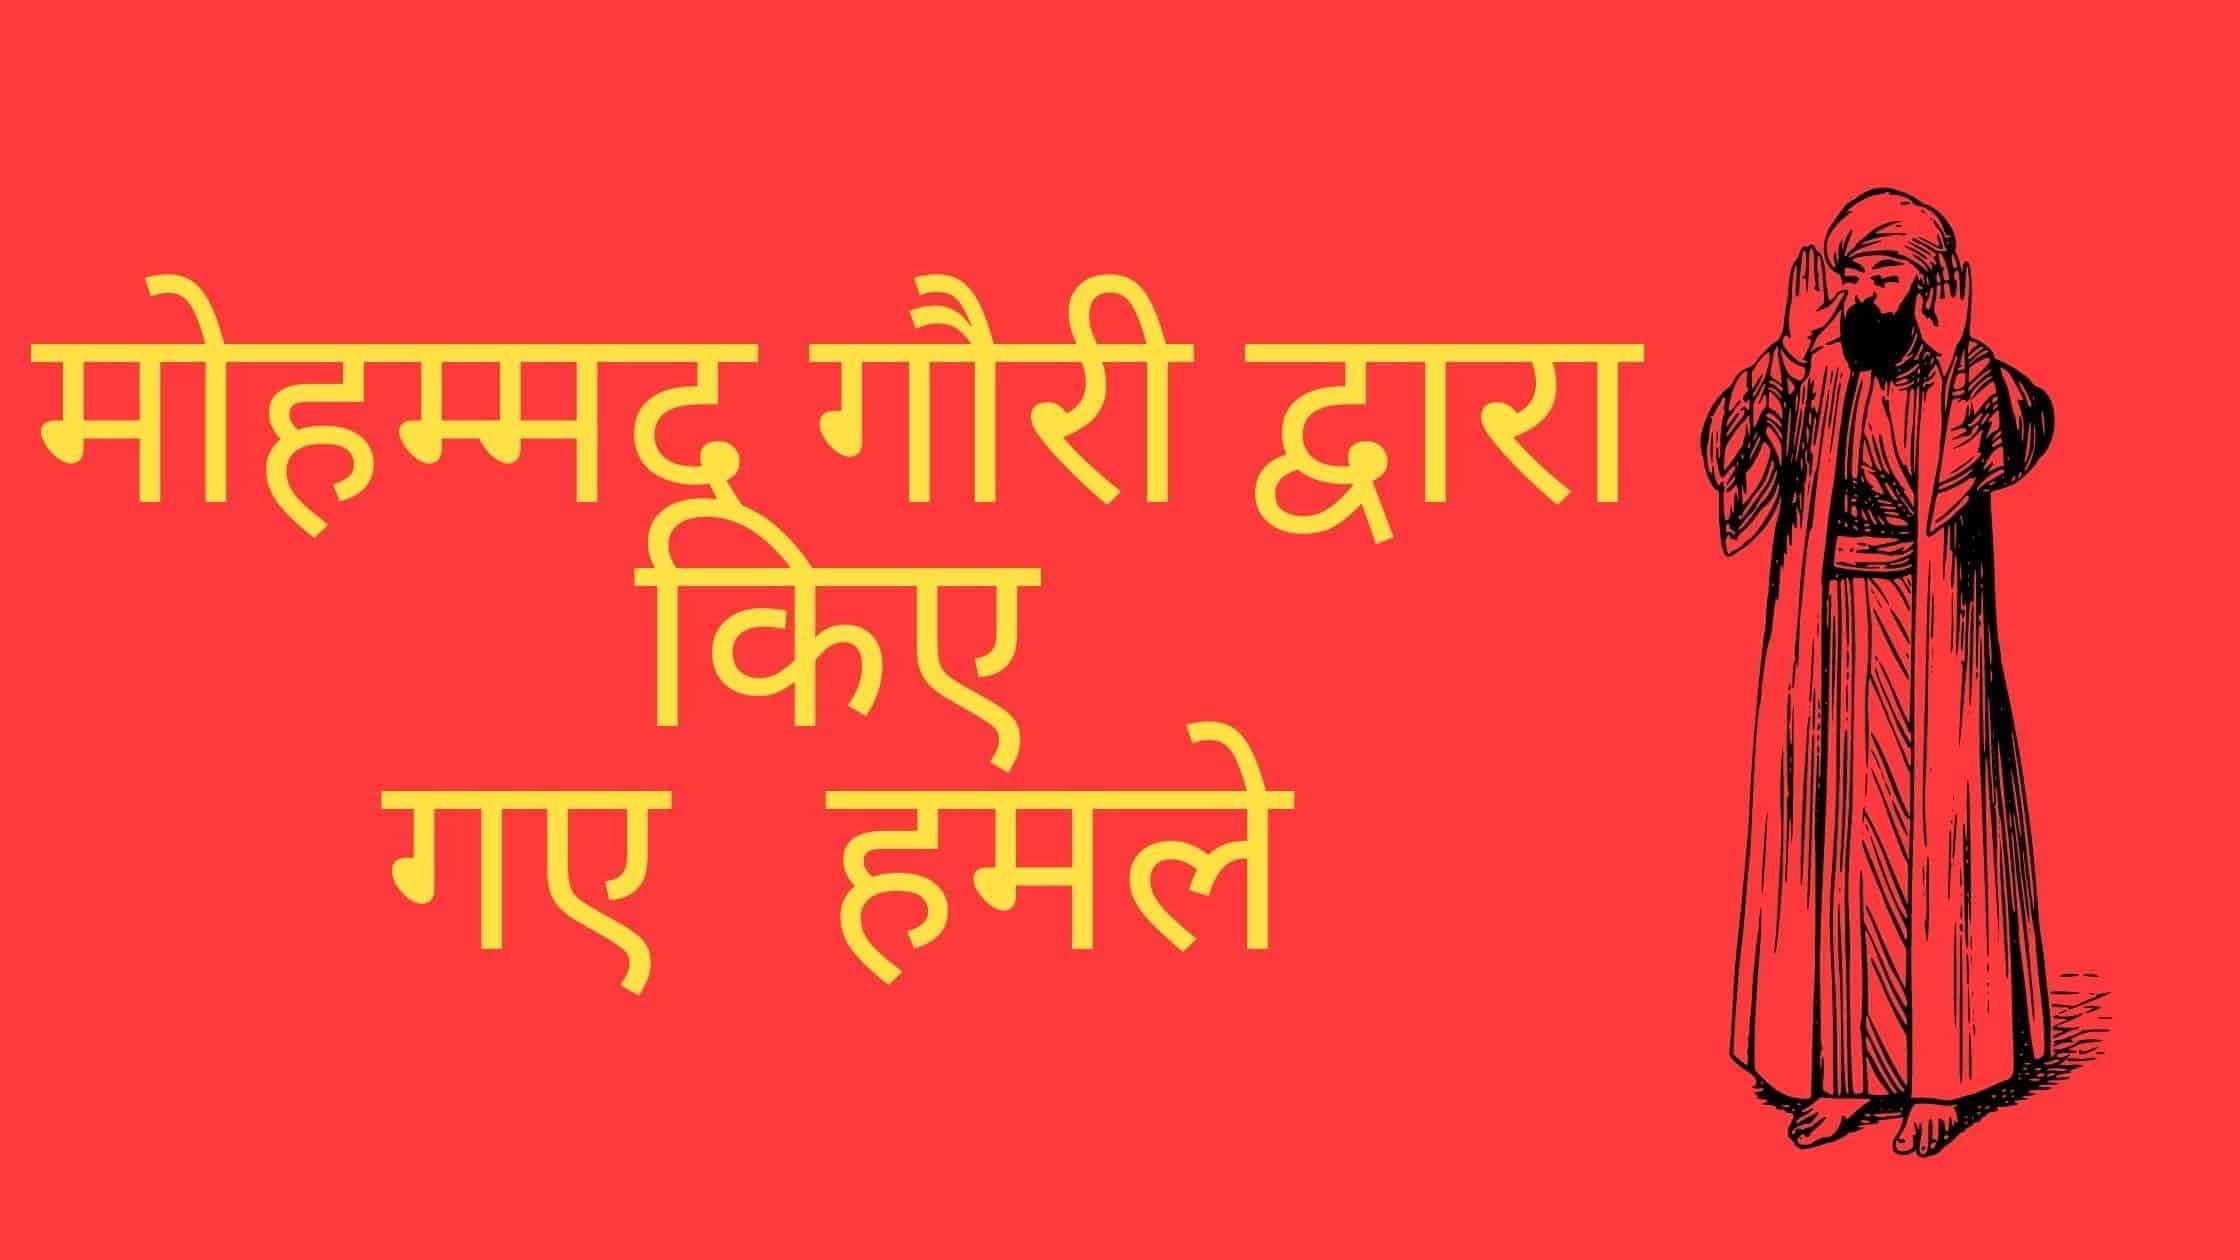 मोहम्मद गौरी द्वारा किए गए हमले ( Invasions Of Mohammad Ghauri in hindi)